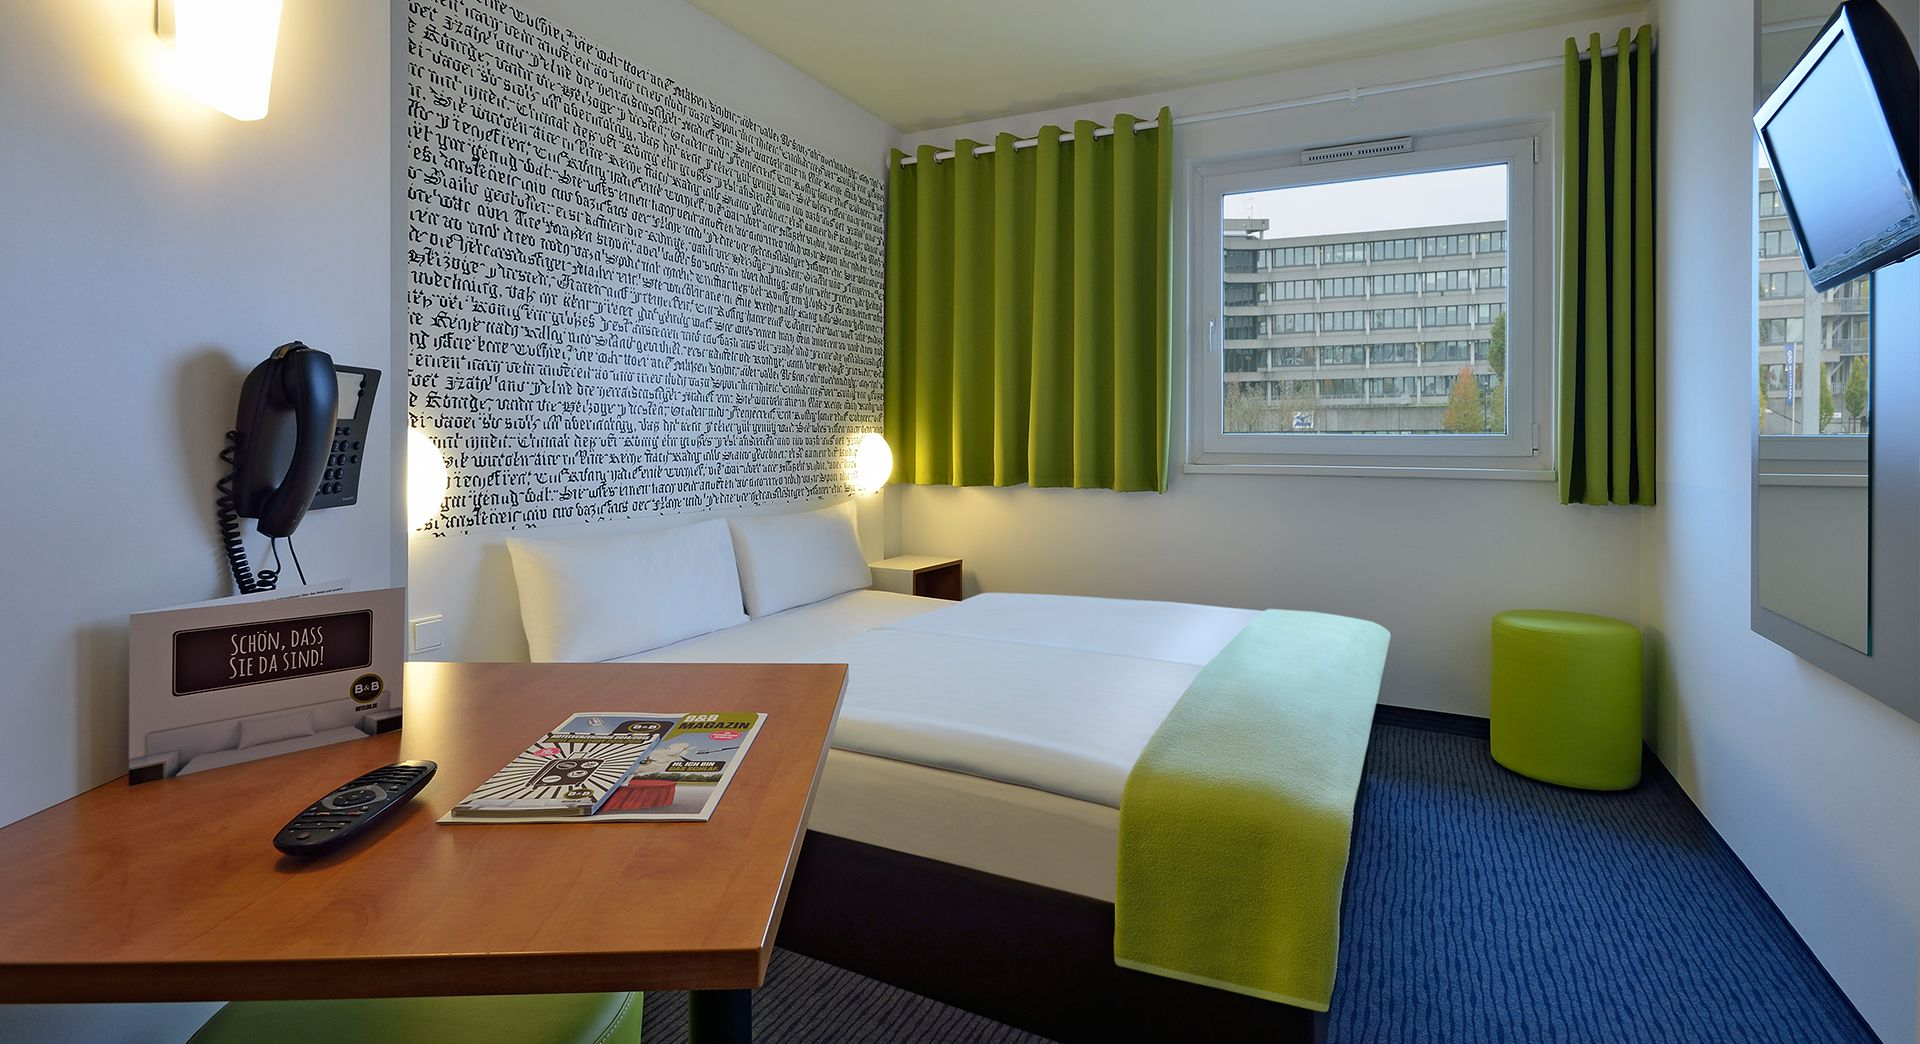 Zimmer Mit Franzosischem Bett Im B B Hotel Munchen Messe Haus Deko Hotel Munchen Moderne Hotelzimmer